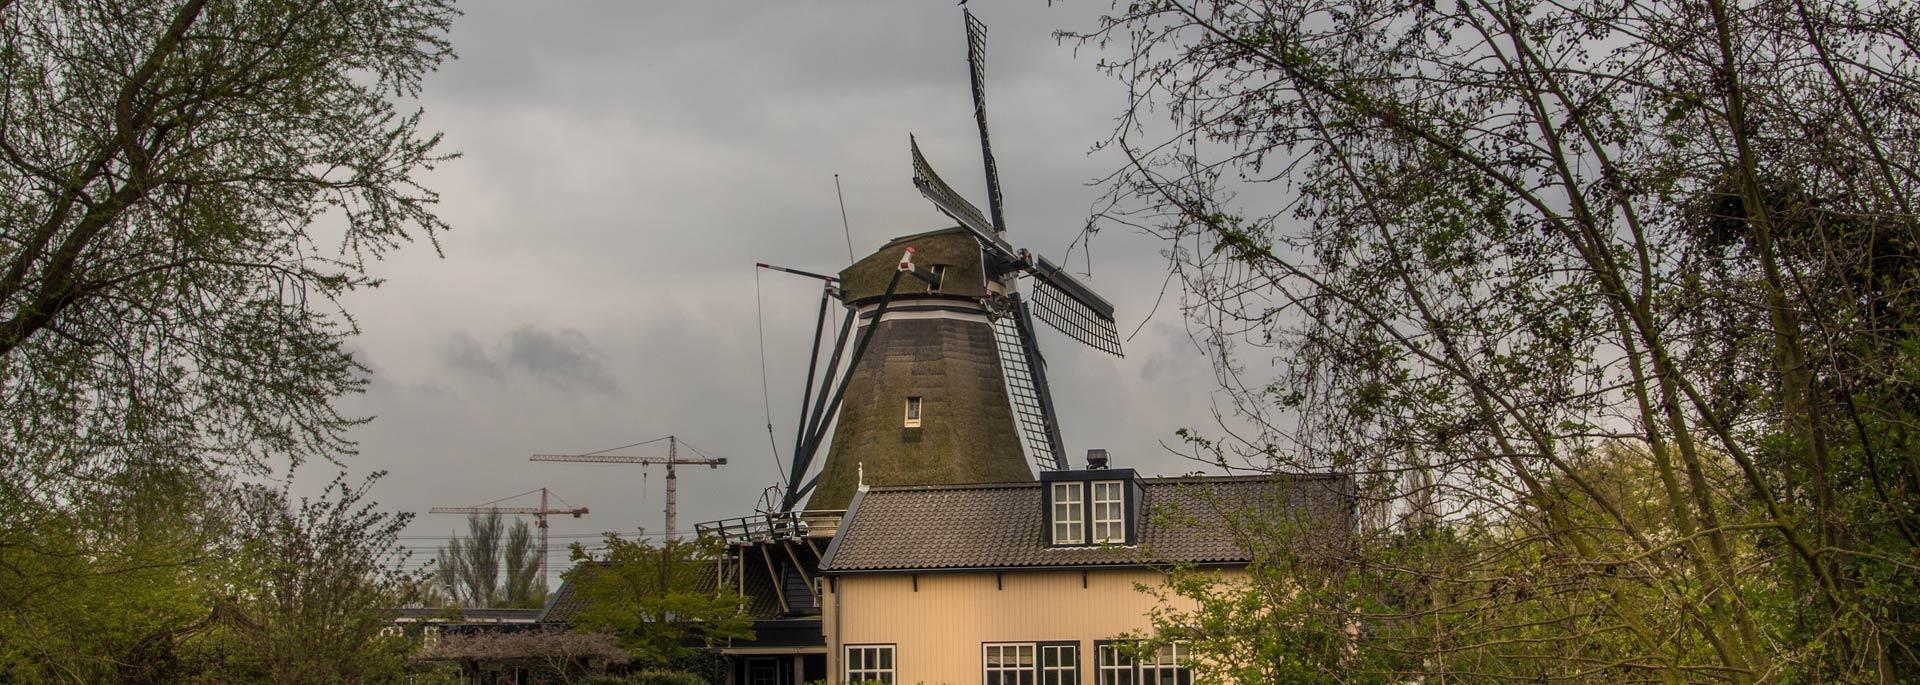 Fotos: Das graublaue Leiden (Holland)